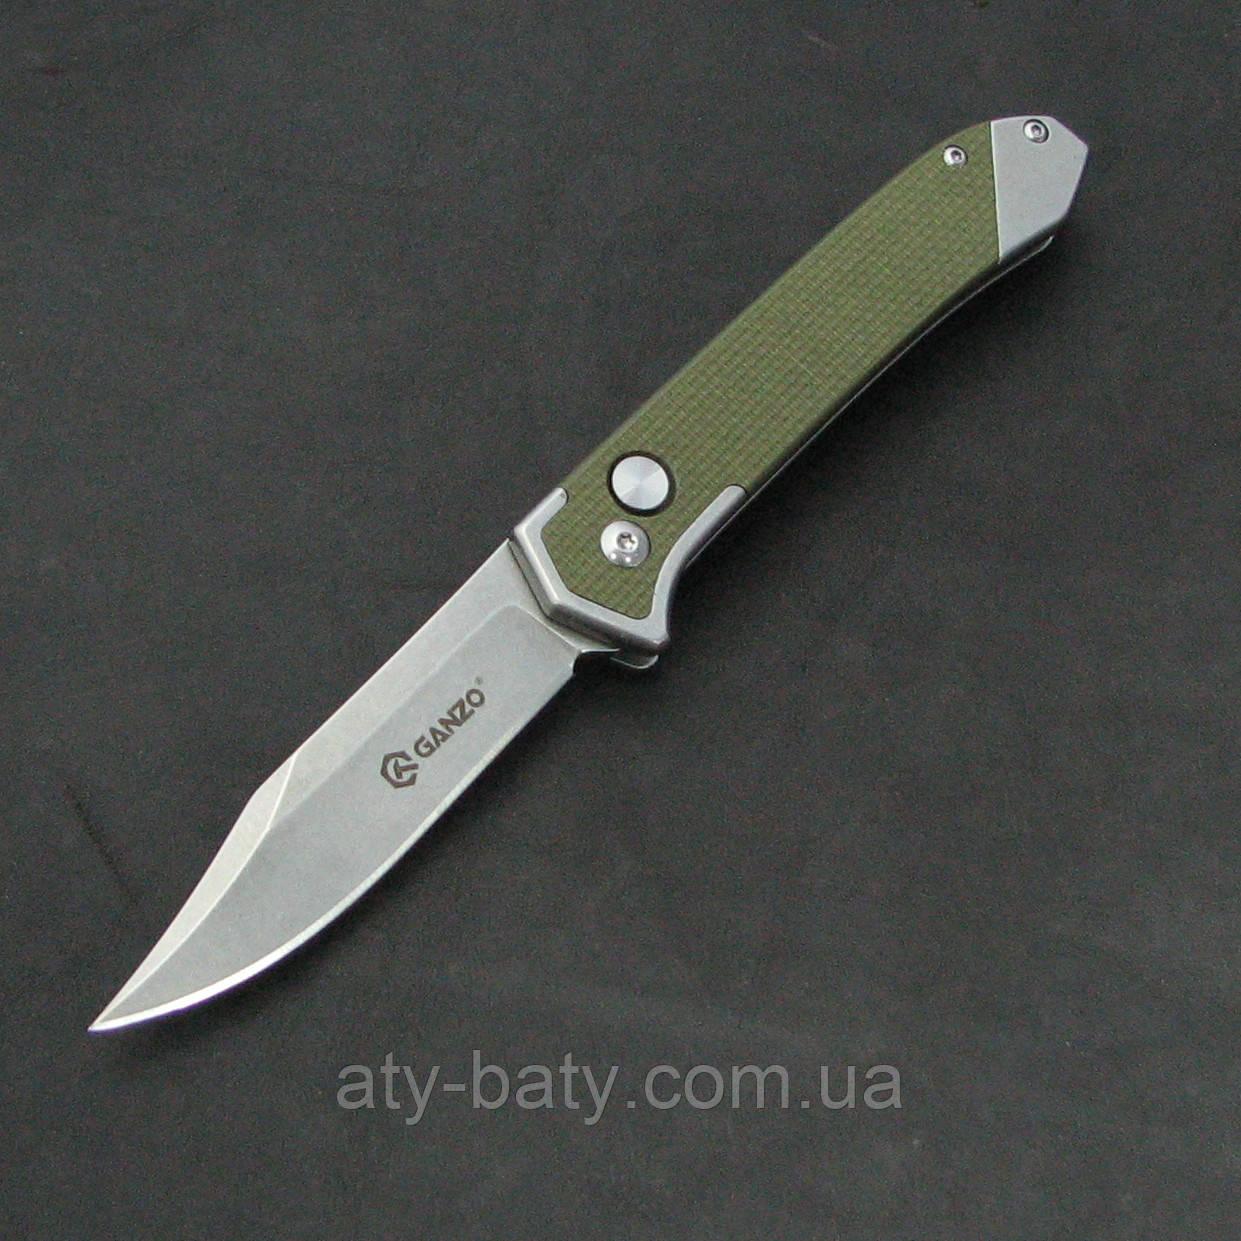 Нож Ganzo G719-G зеленый